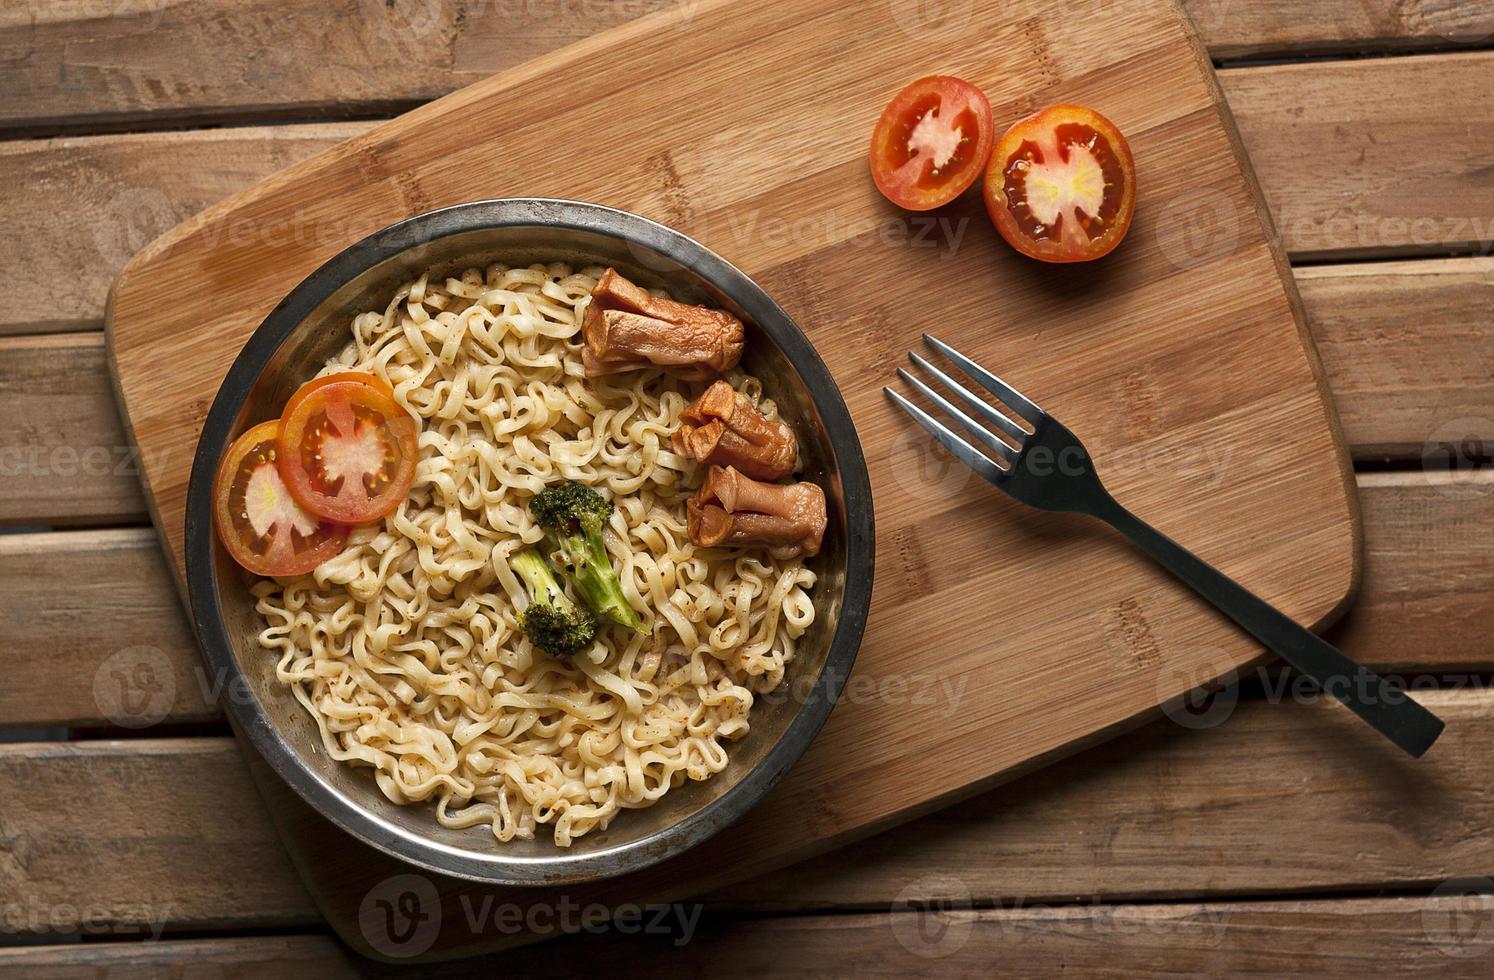 nouilles à la tomate et à la saucisse dans un bol en acier inoxydable photo